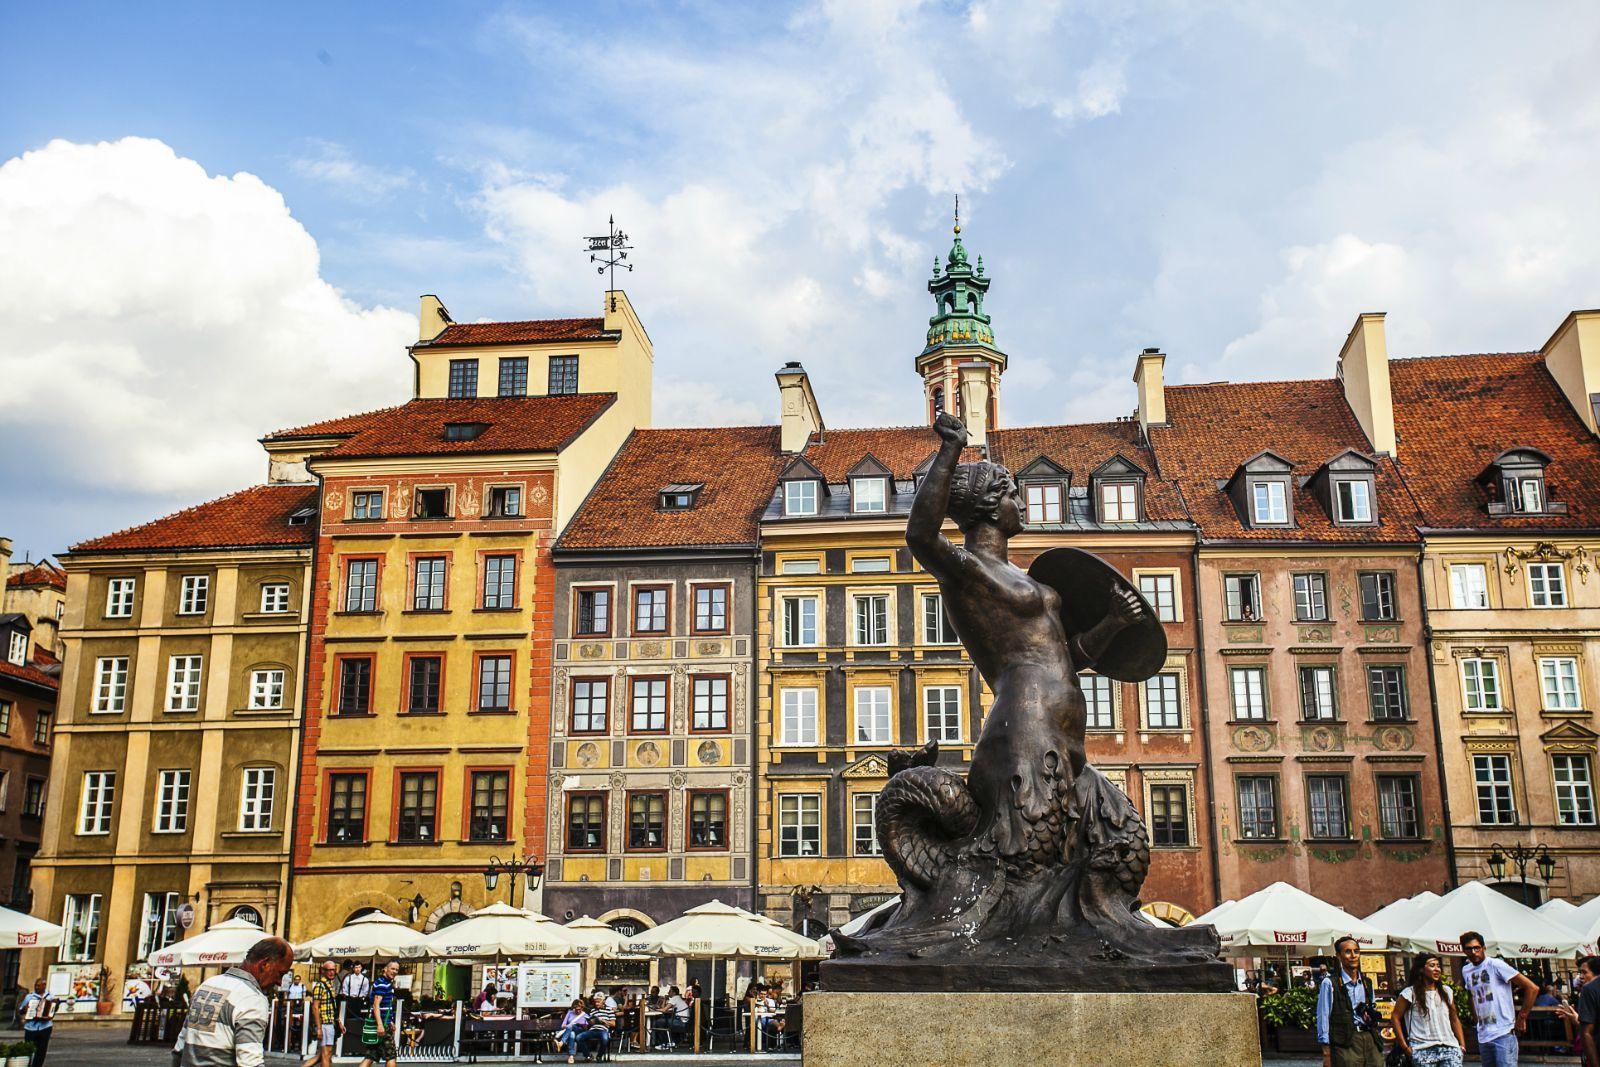 波兰华沙_波兰首都华沙是座古老而又年轻的城市,说它古老,是因为它已有700多